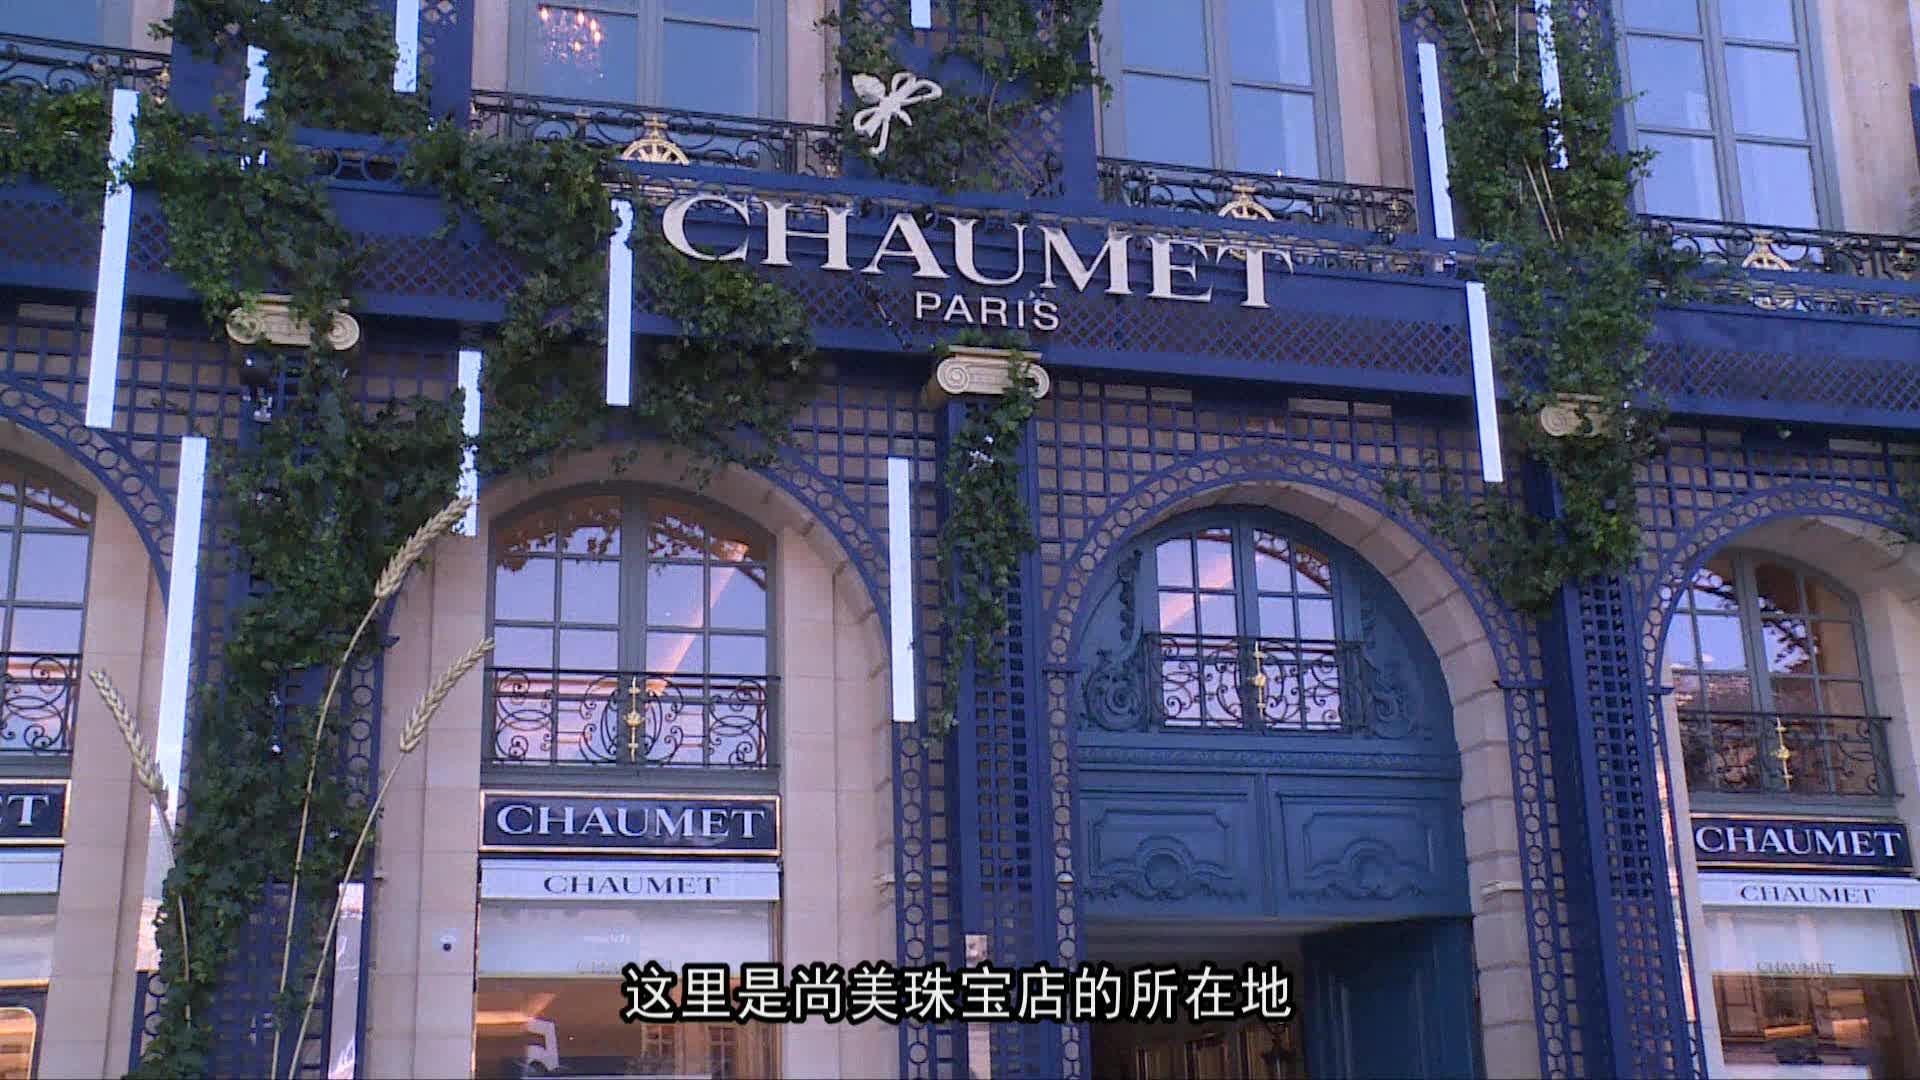 游览Chaumet灵魂宅邸——第一篇:沙龙